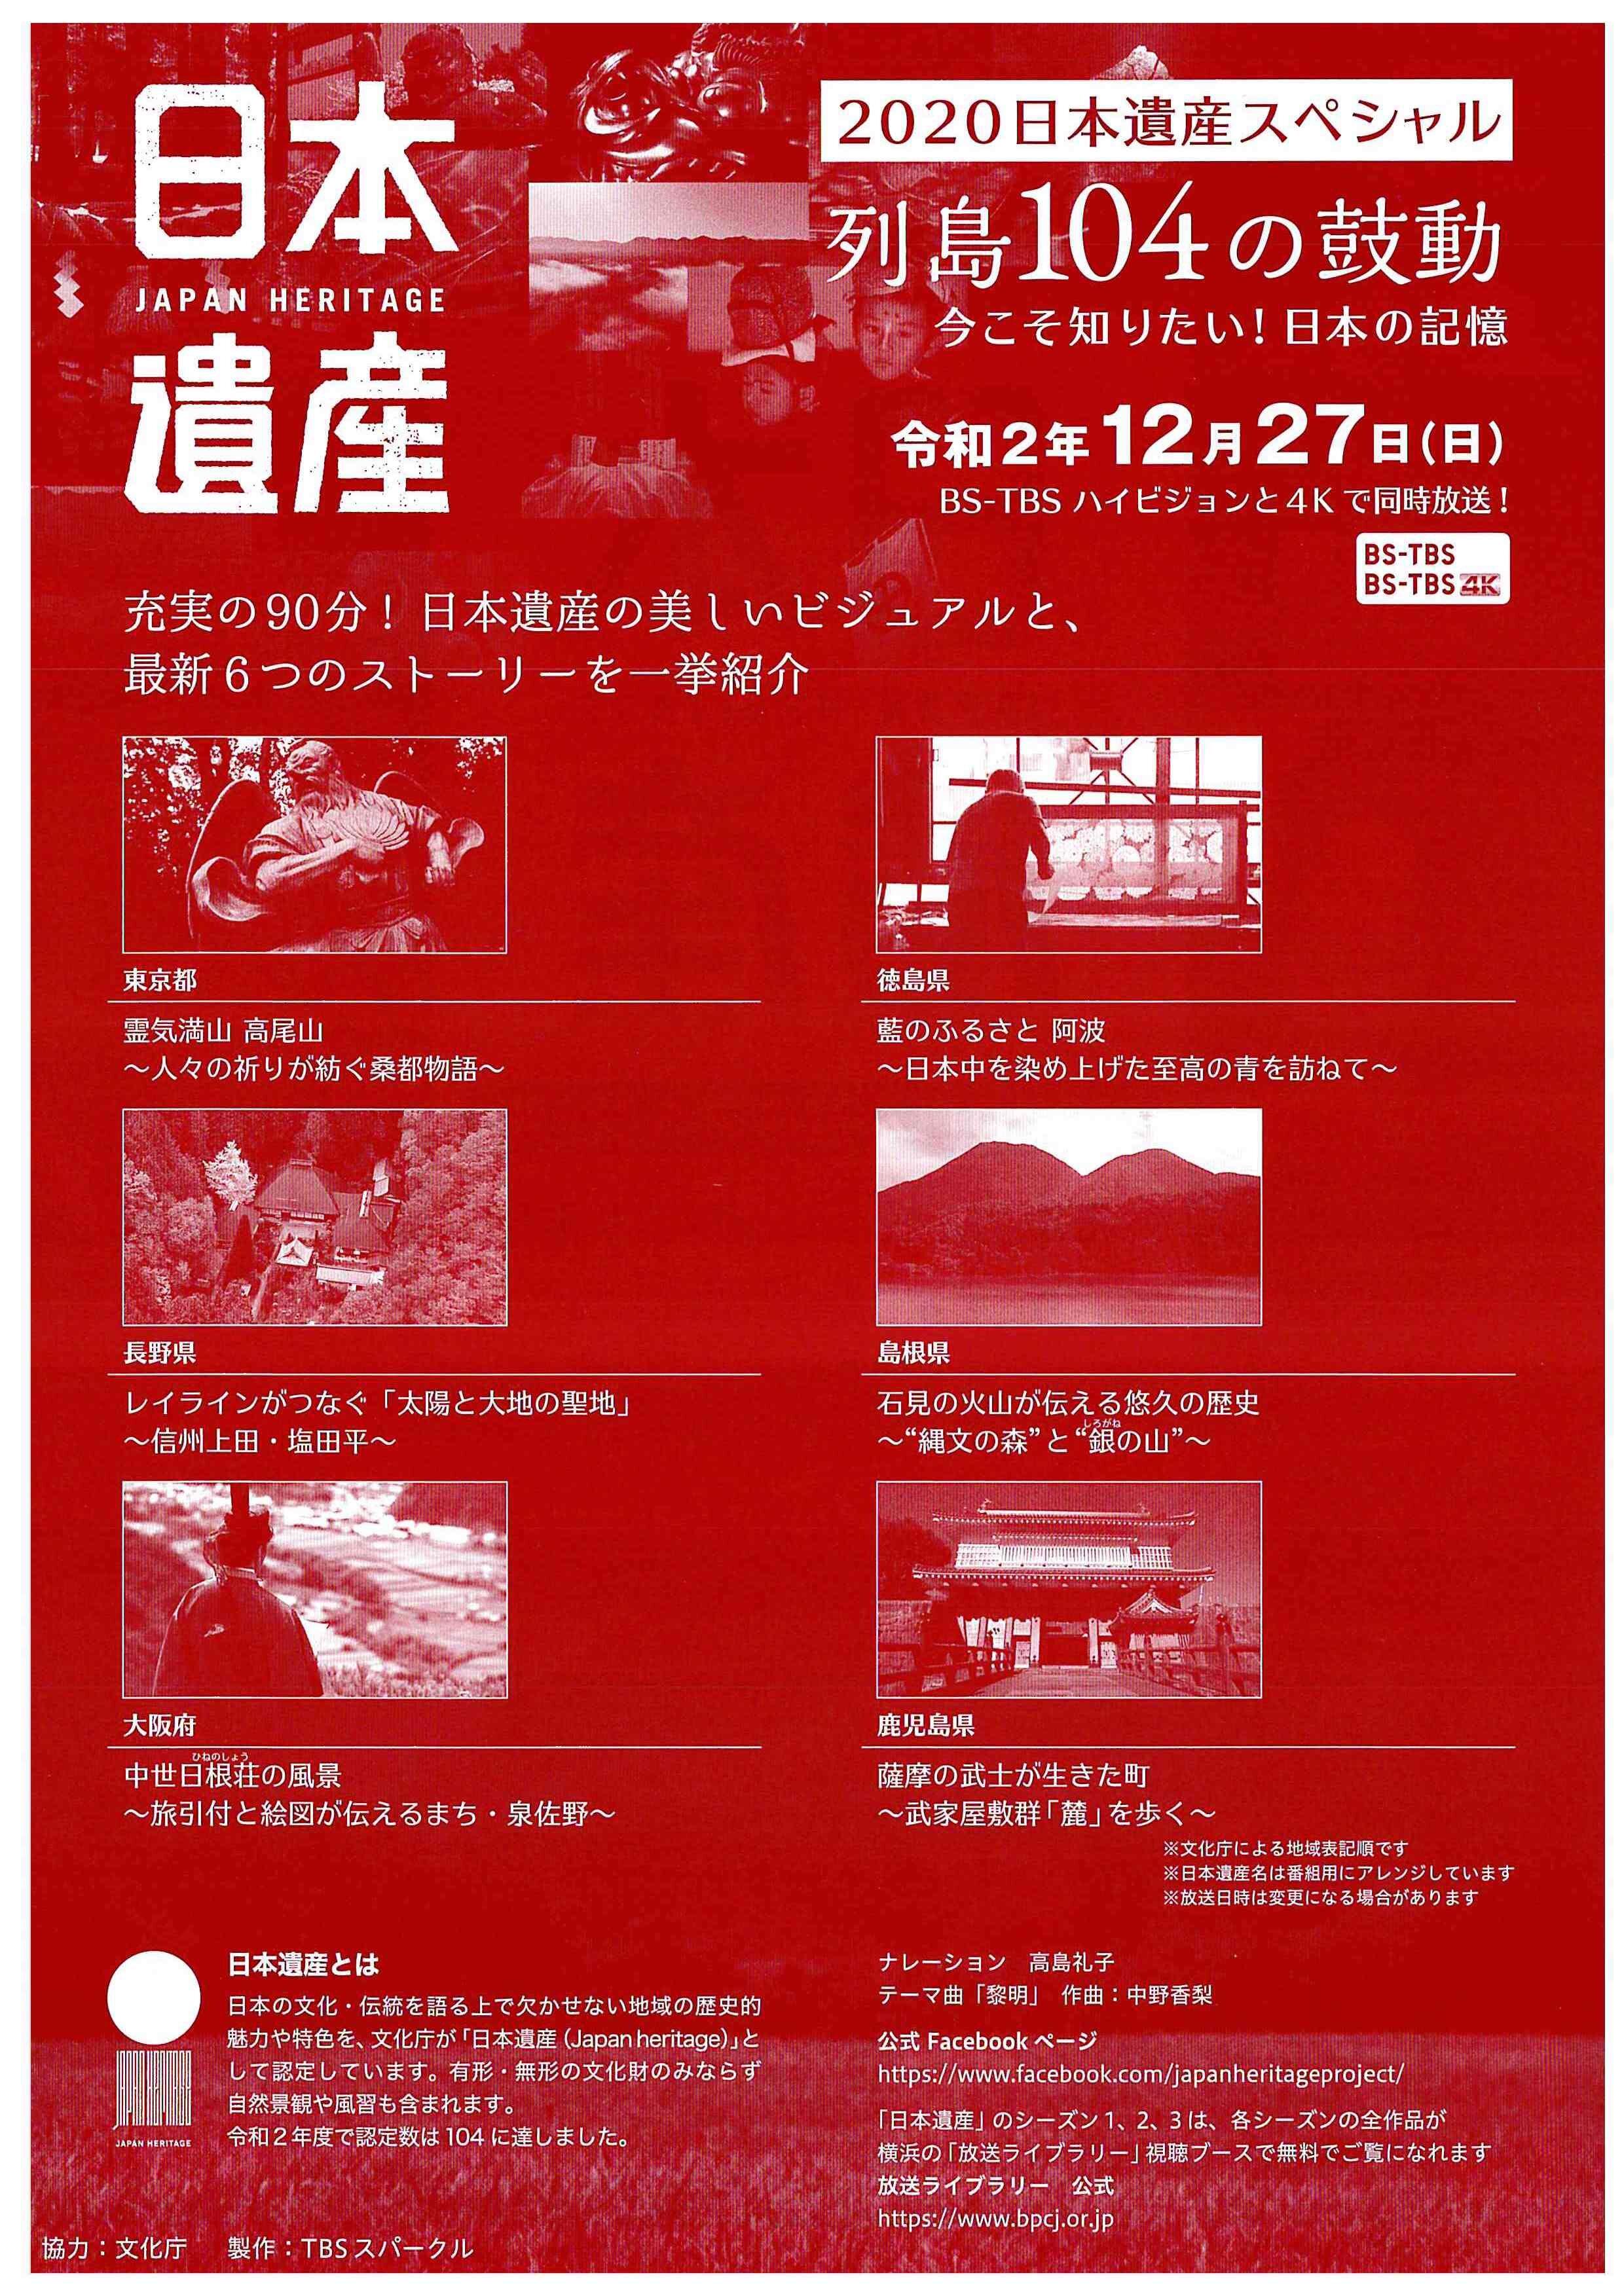 BS-TBS_ページ_2.jpg